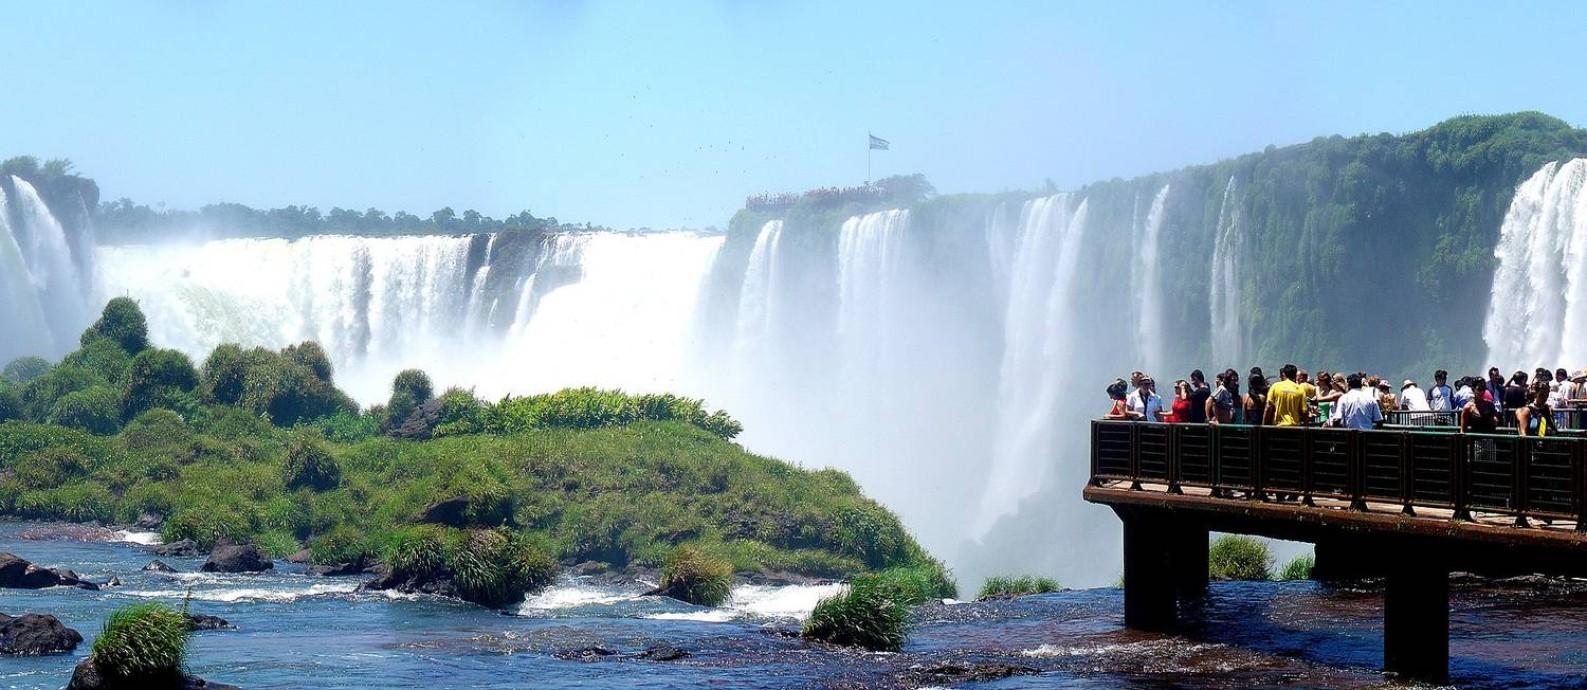 Cataratas do Iguaçu Foto: Creative Commons